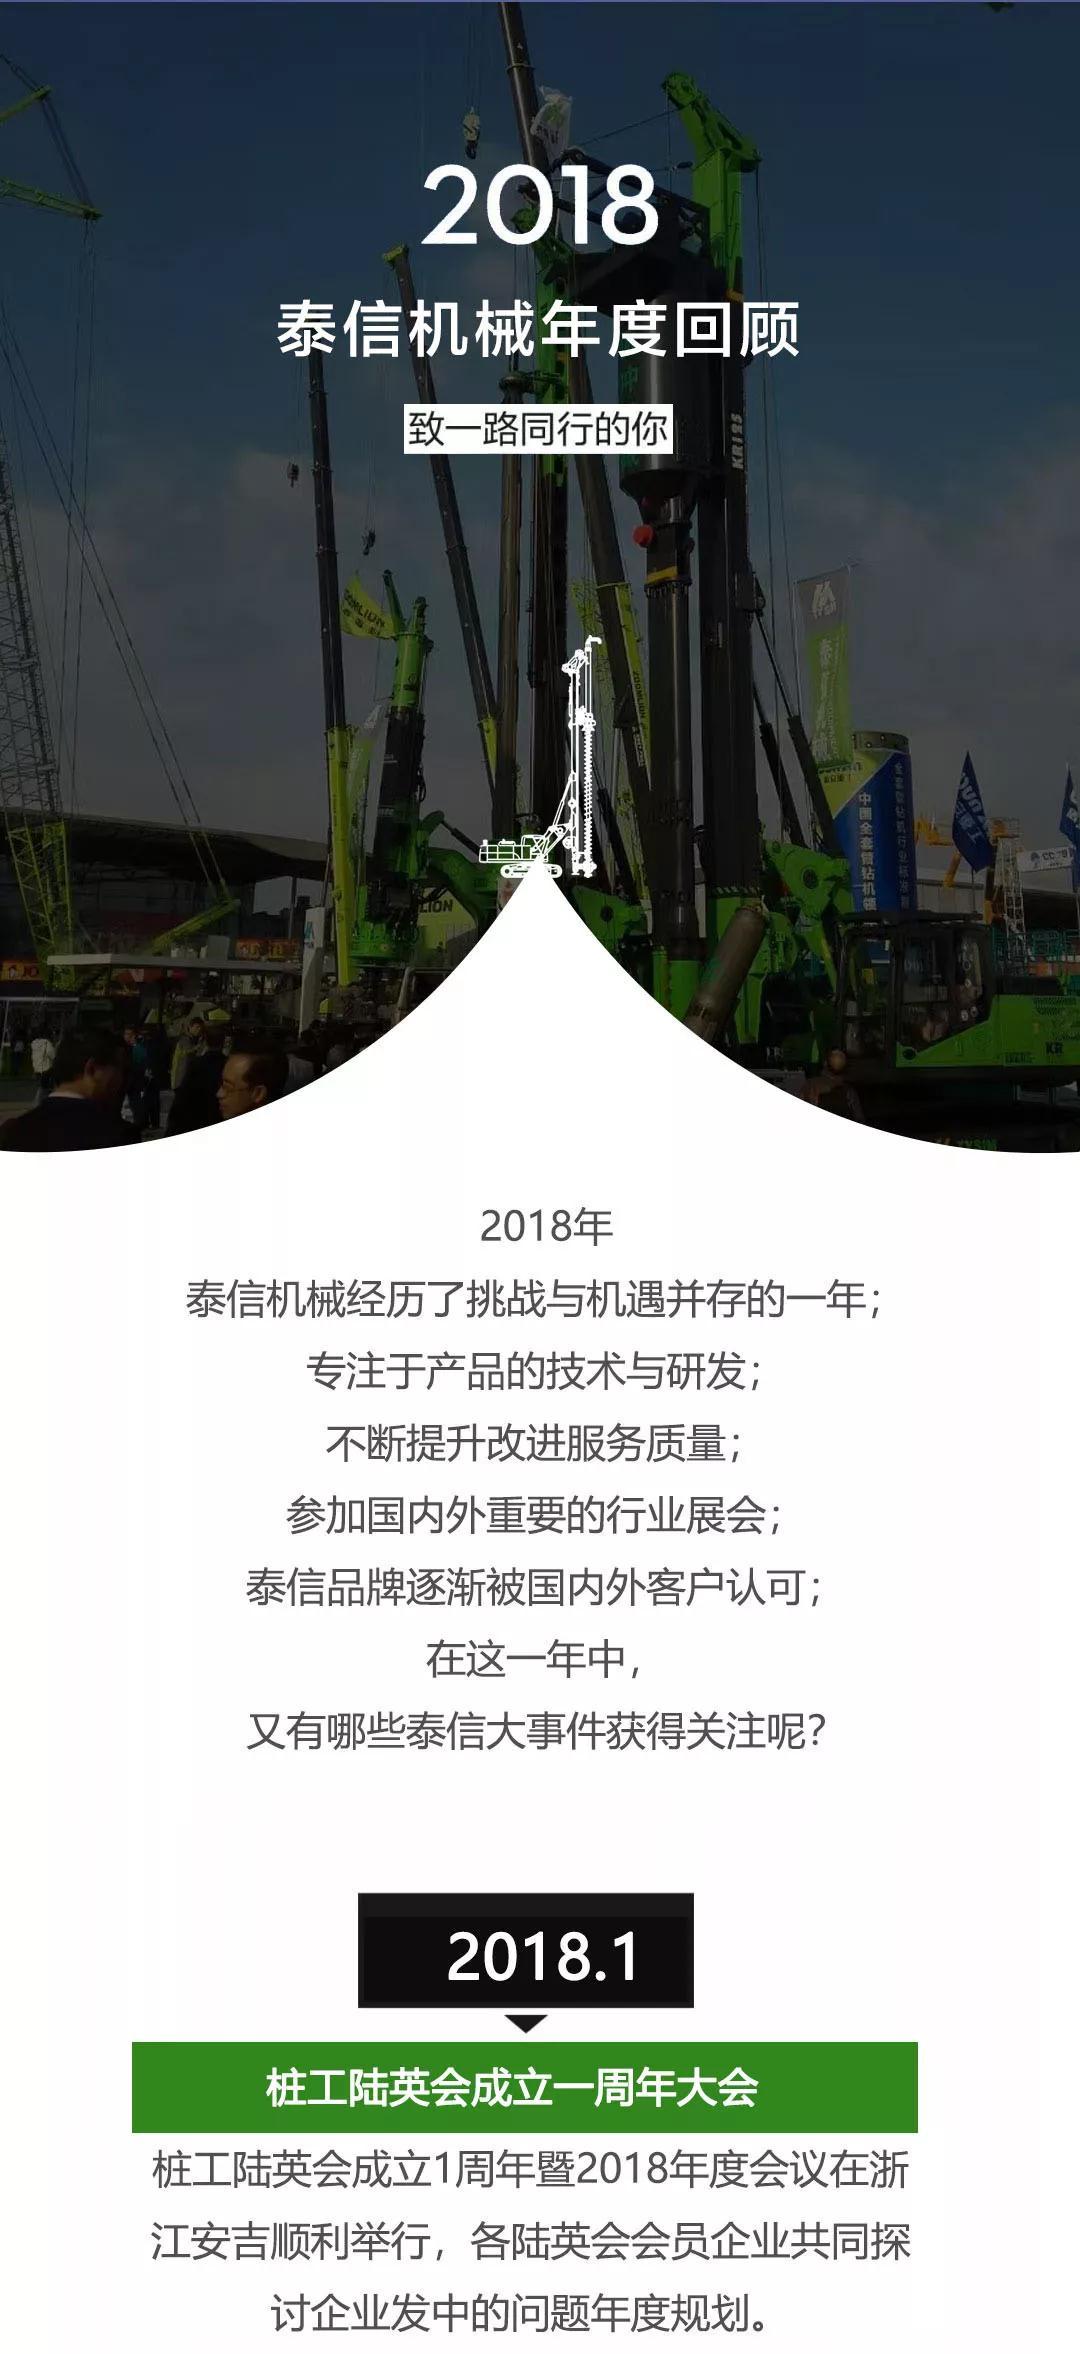 泰信机械 2018 年度回顾